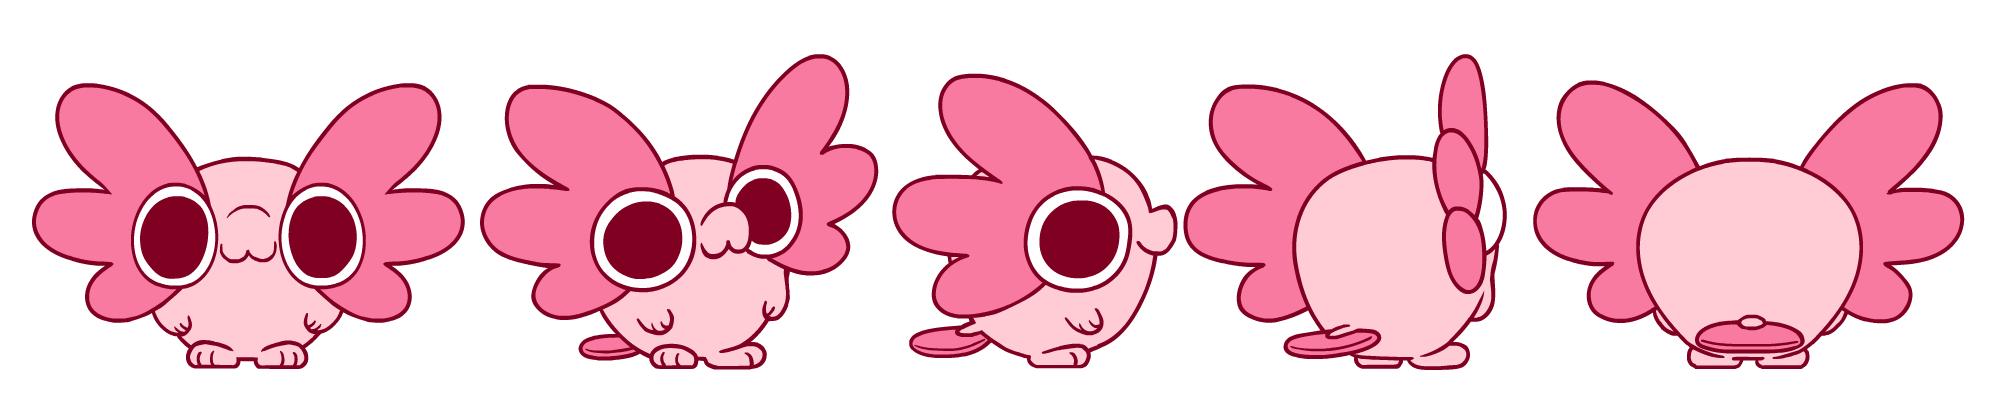 pegapoleturn